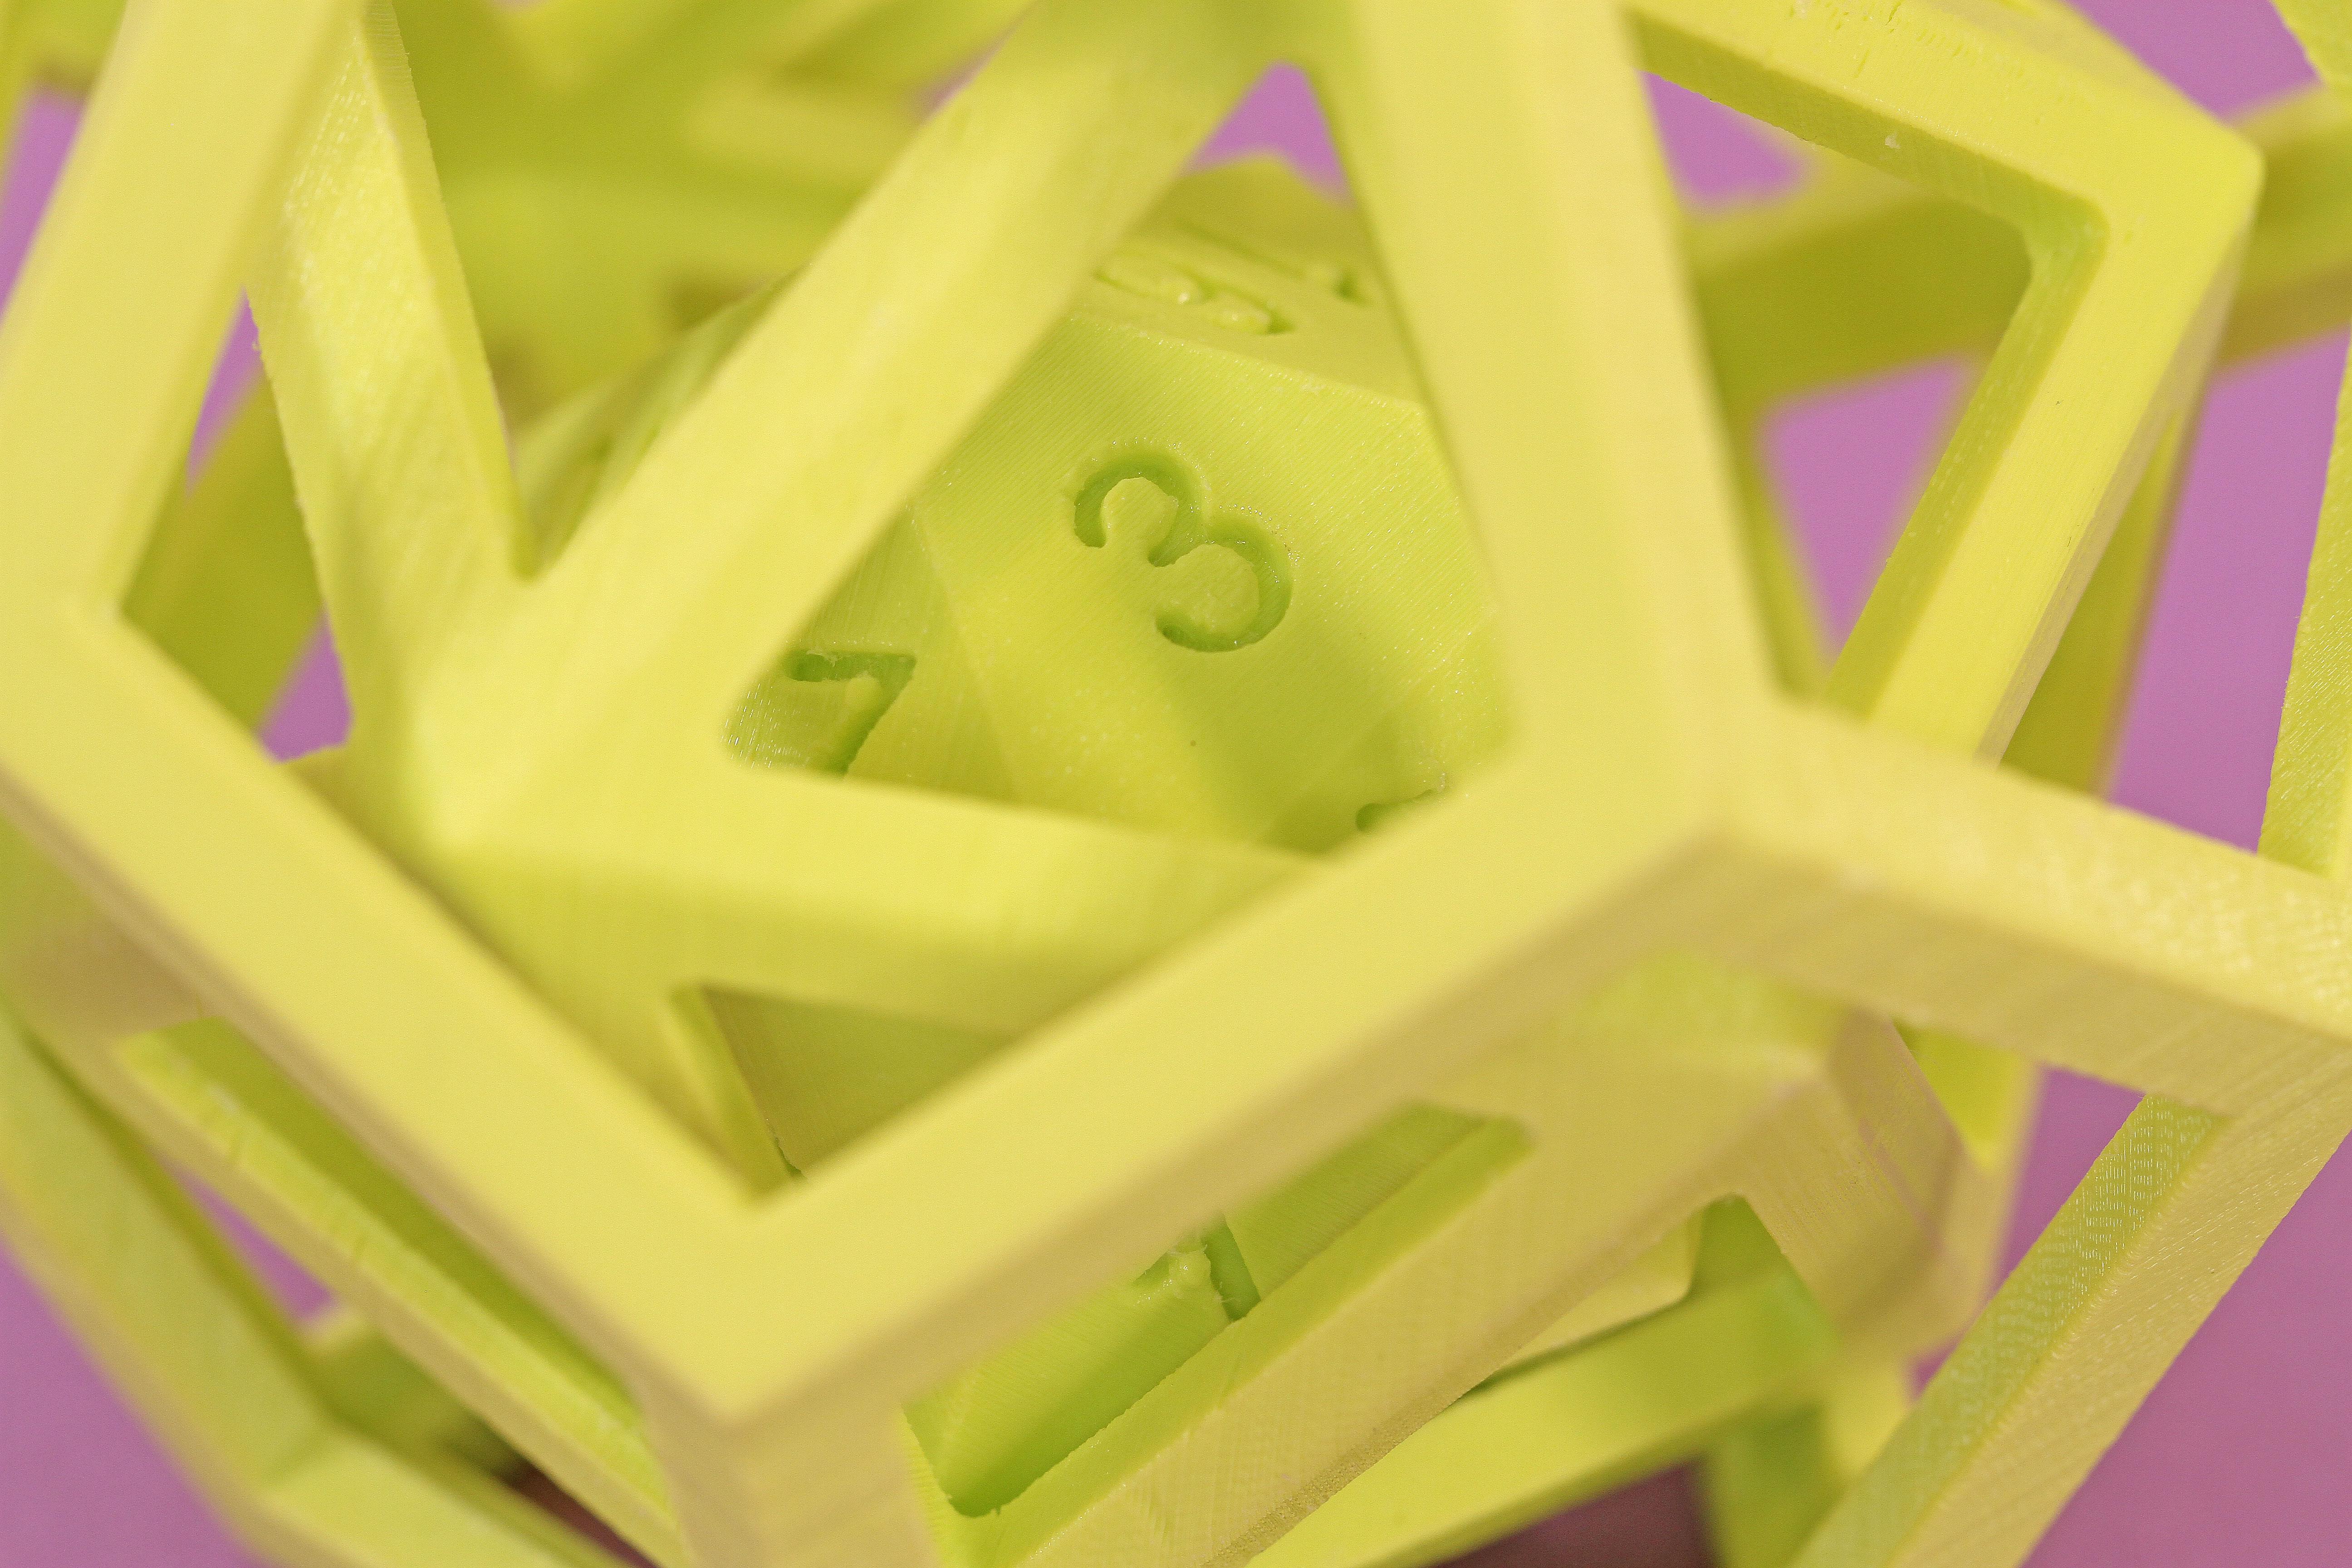 3d_printing_25mm-print-close.jpg